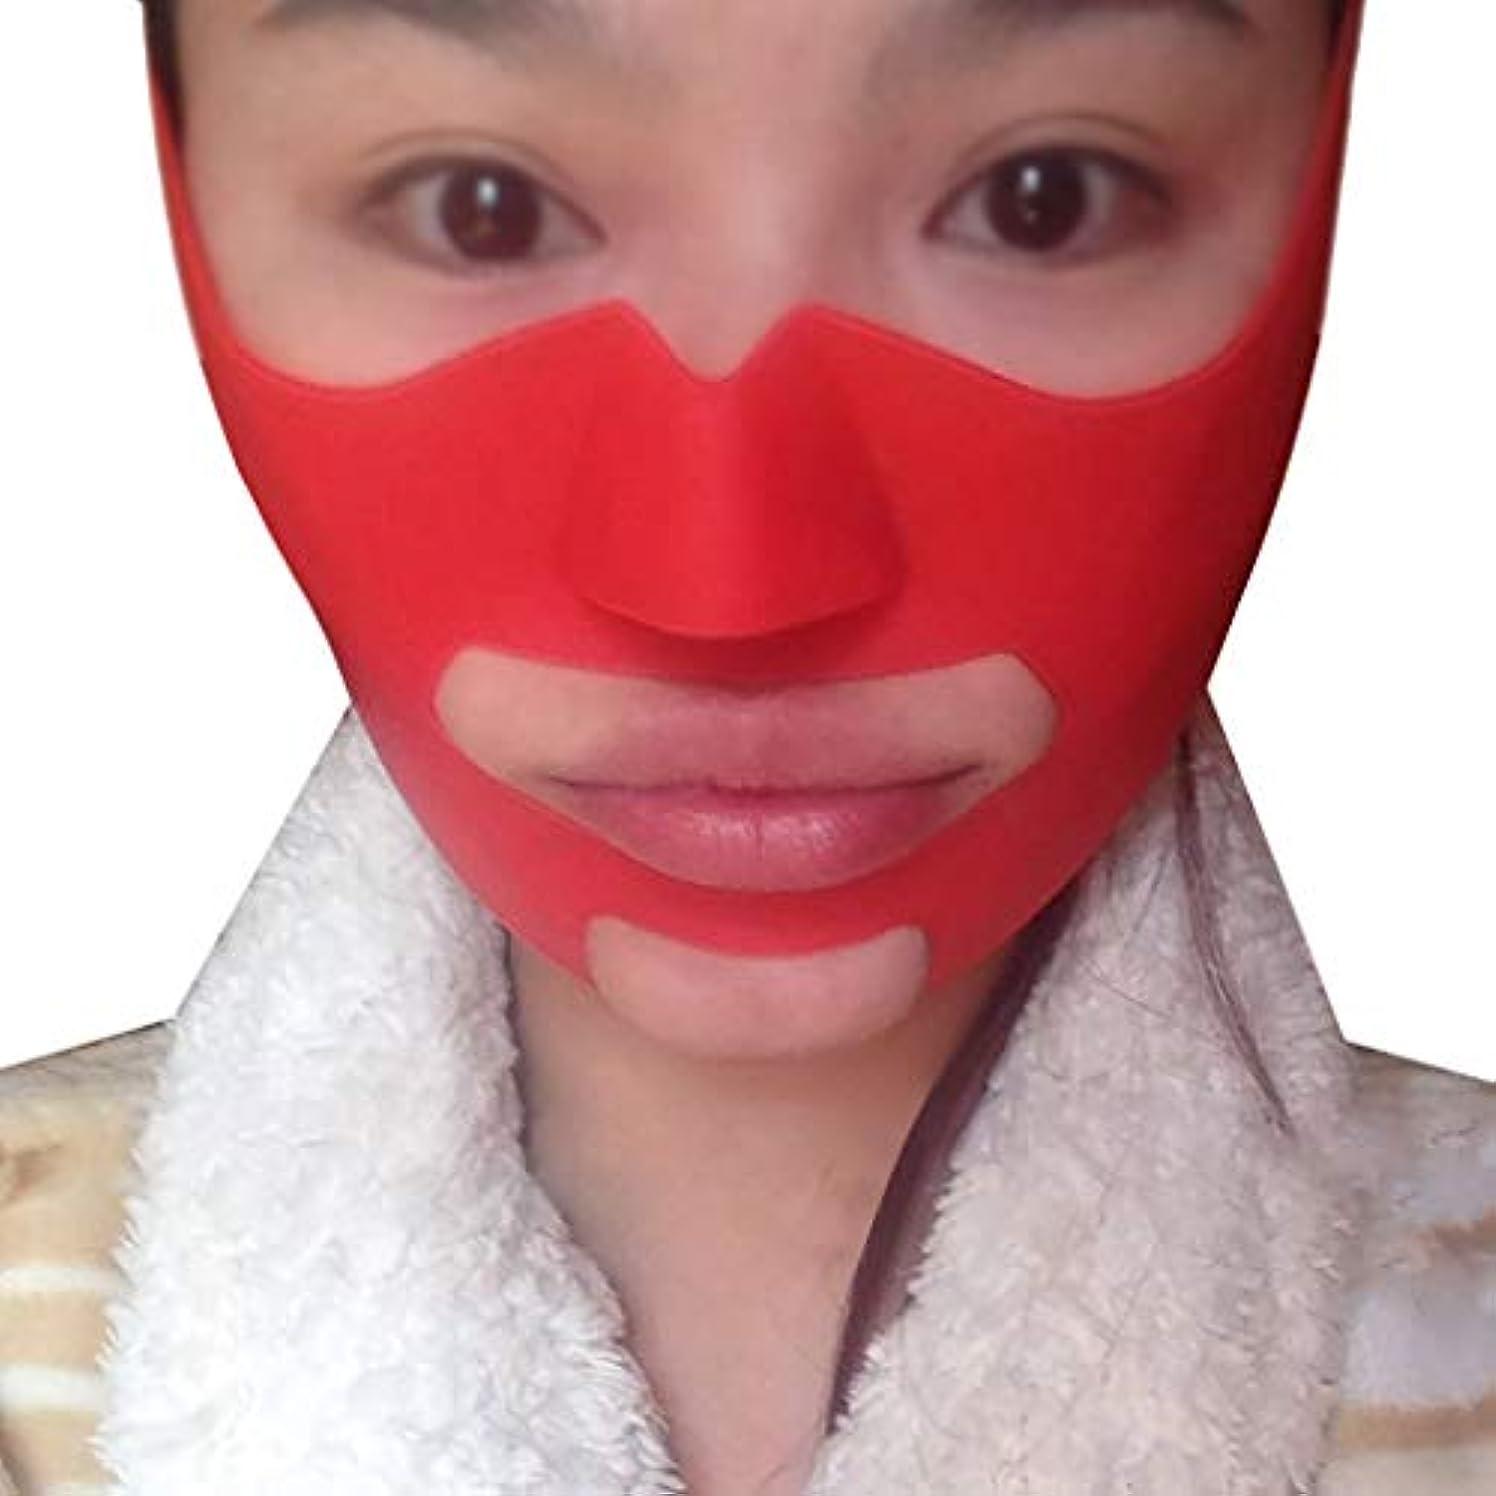 ディスクオーナメントぜいたくTLMY 薄いフェイスマスクシリコーンVマスクマスク強い痩身咬合筋肉トレーナーアップル筋肉法令パターンアーティファクト小さなVフェイス包帯薄いフェイスネックリフト 顔用整形マスク